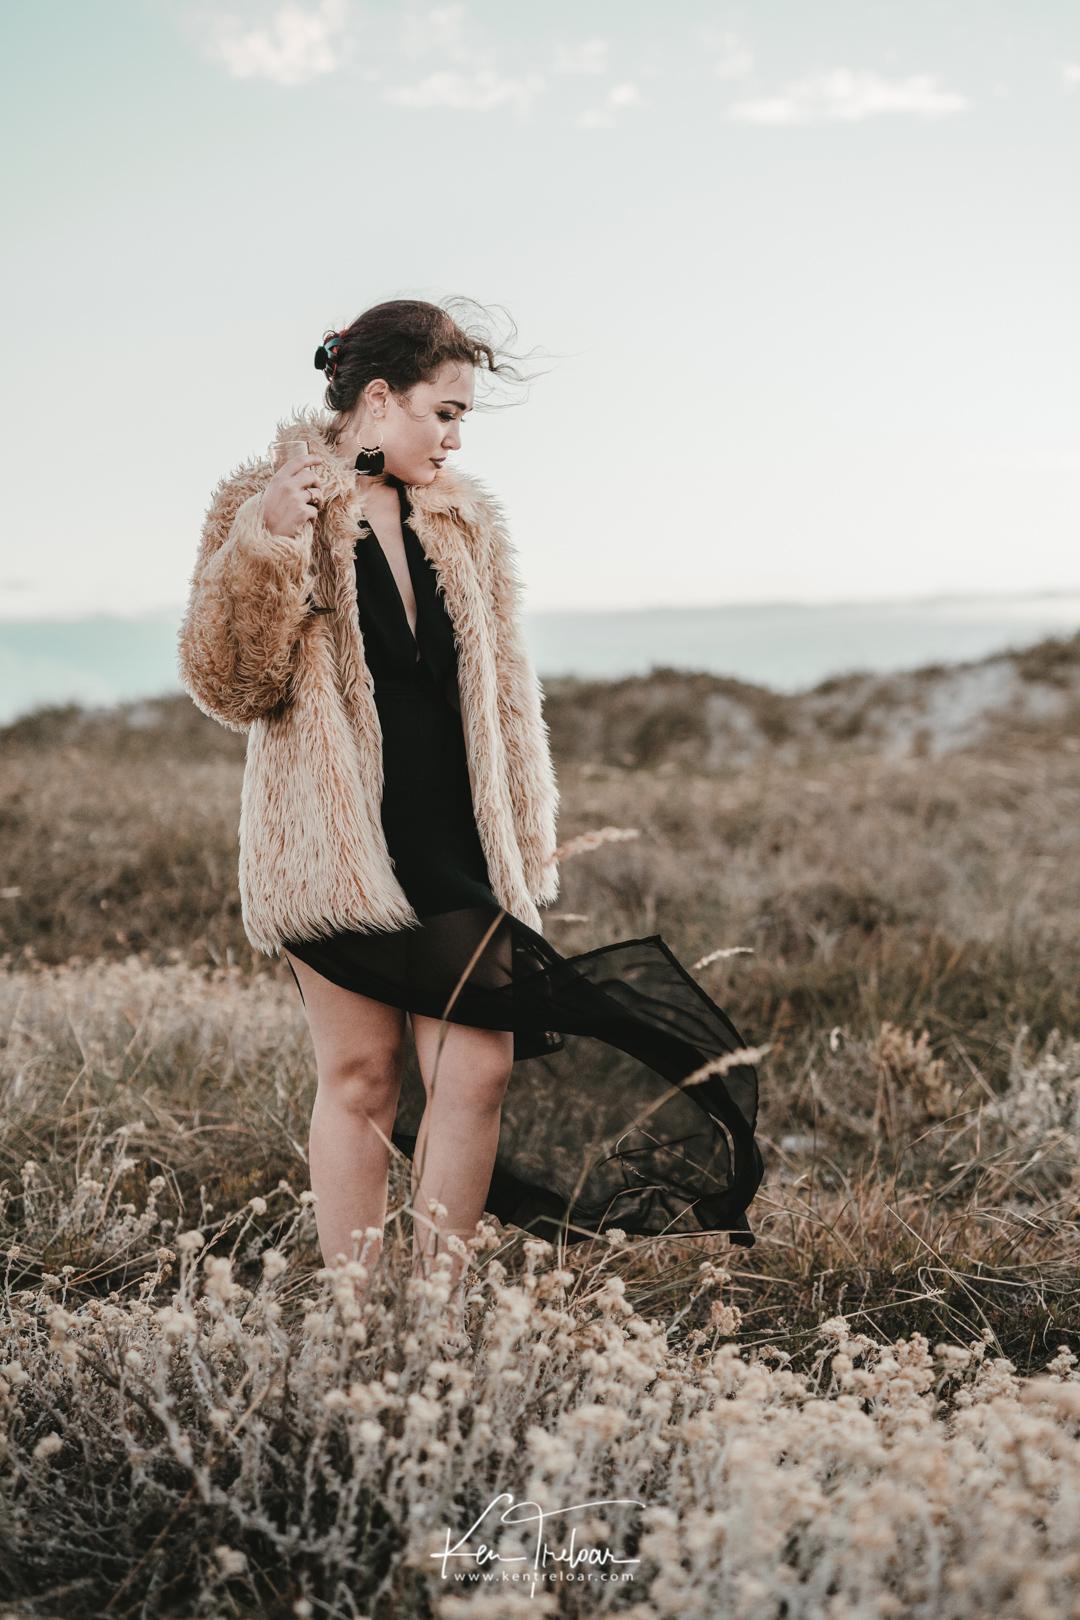 Ken Treloar Photography - Styled Best Friends photoshoot Cape Town B2-23.jpg